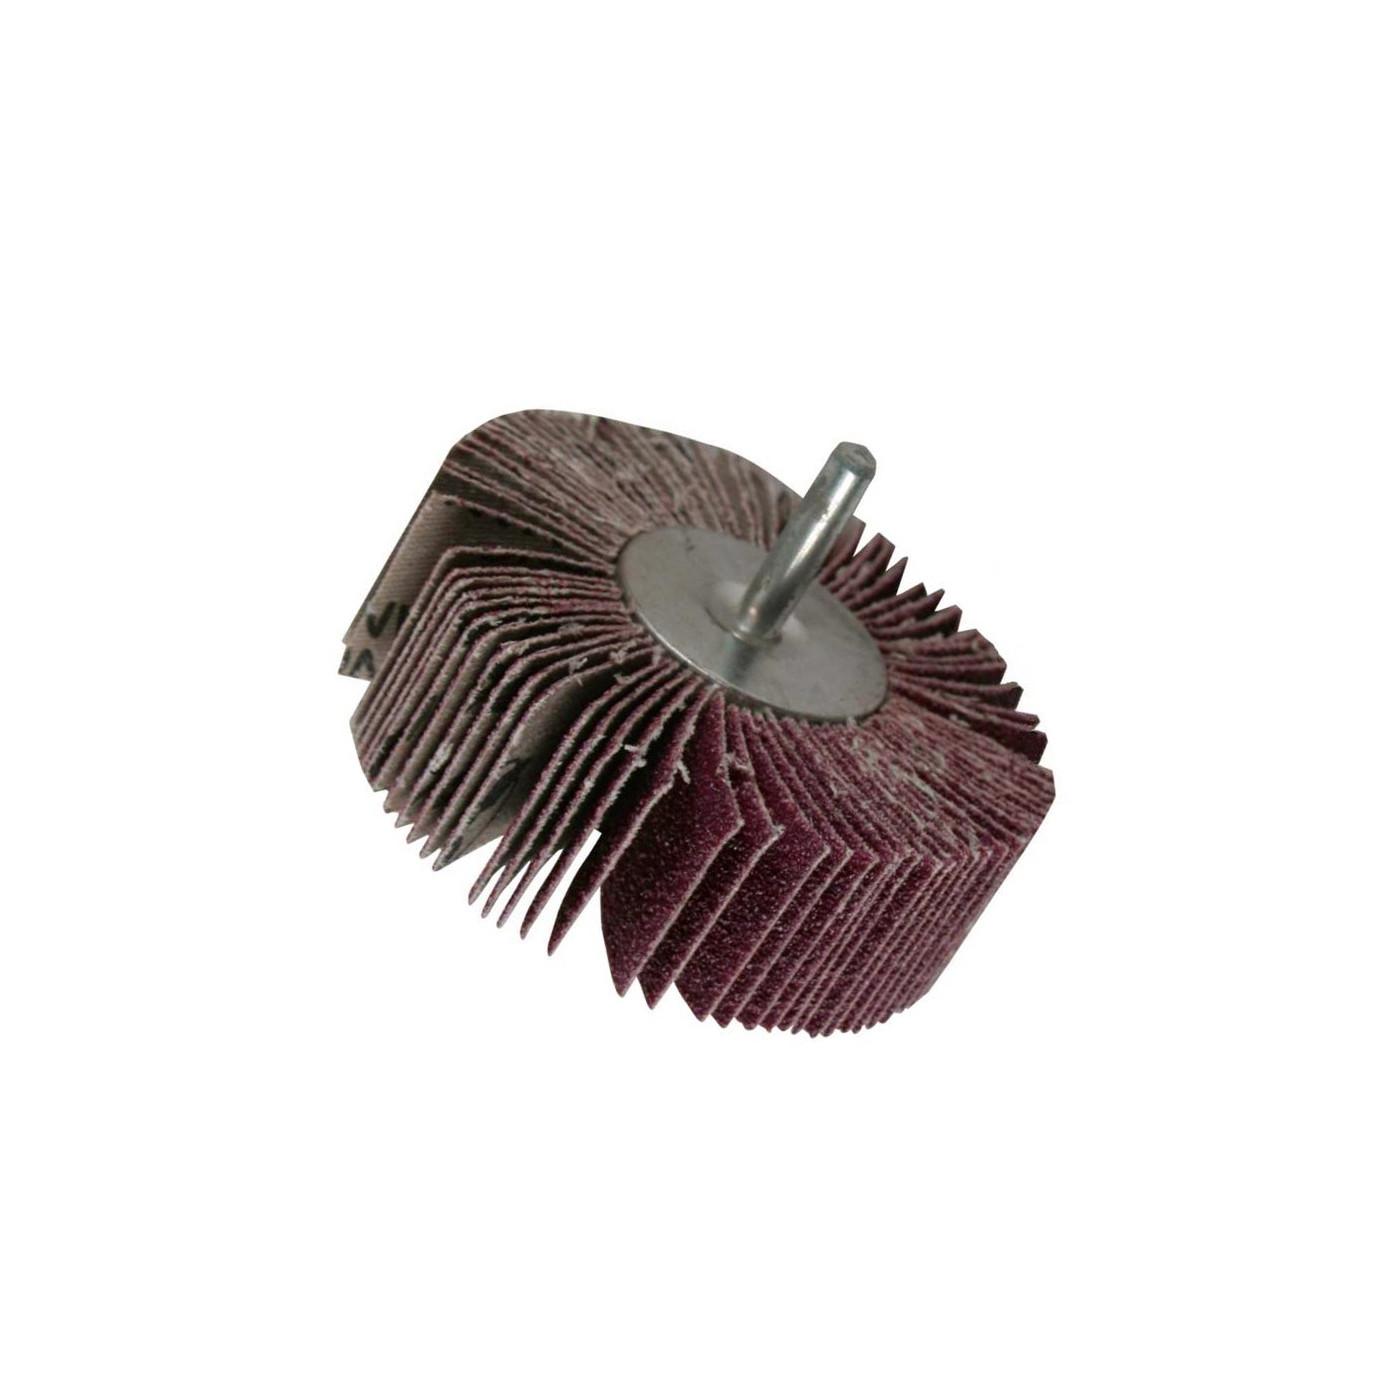 Koło klapowe 60x20 mm (ziarnistość 40)  - 1